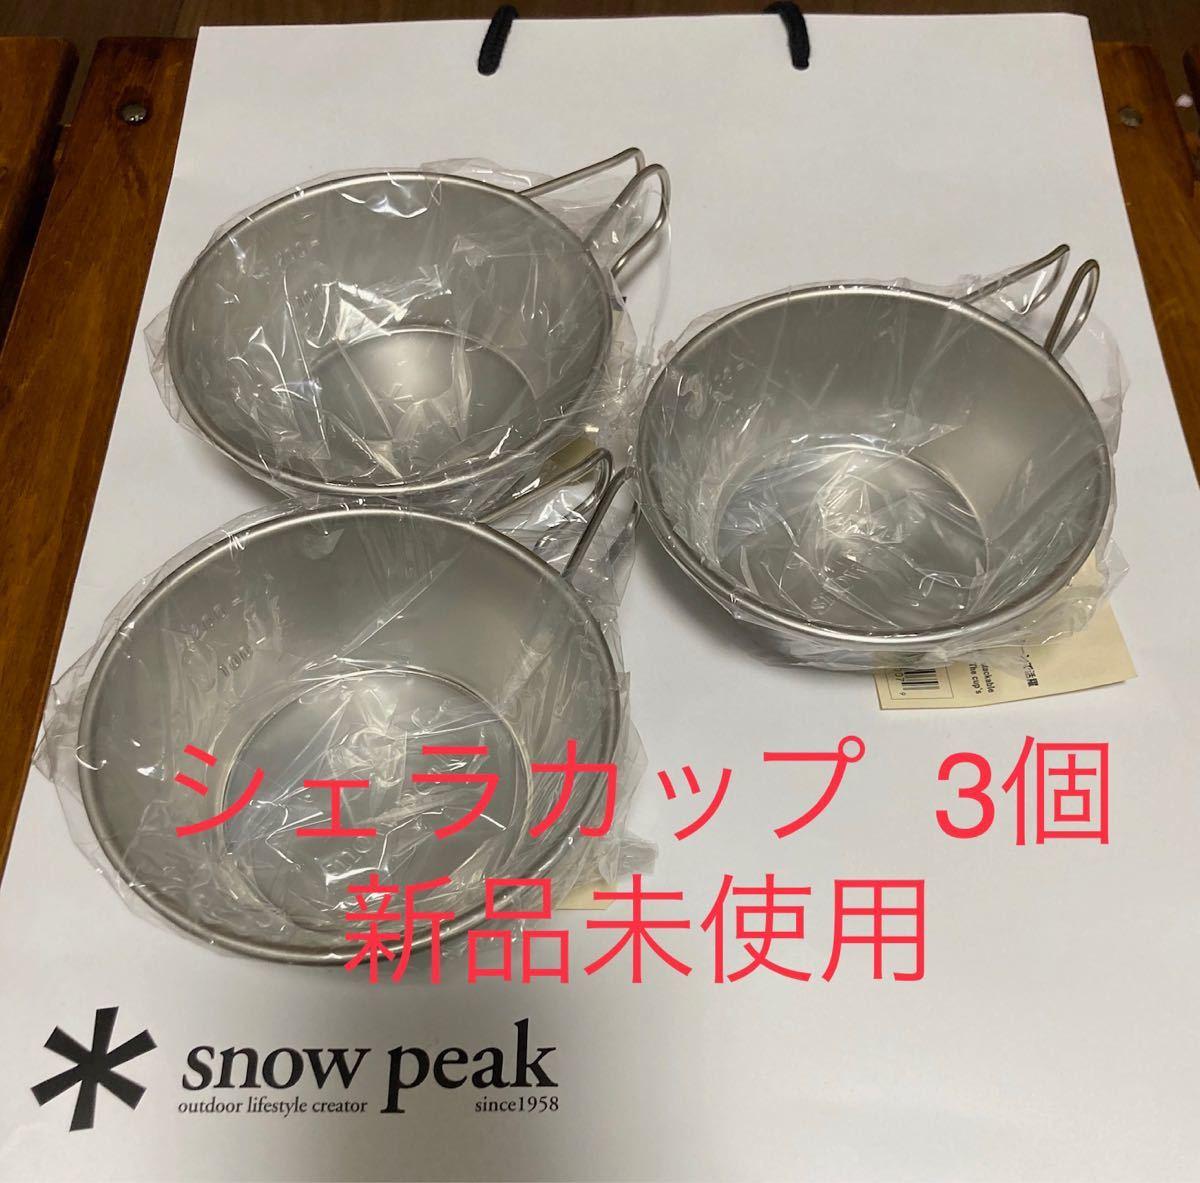 スノーピーク シェラカップ   3個 snowpeak マグカップ シェルフコンテナ